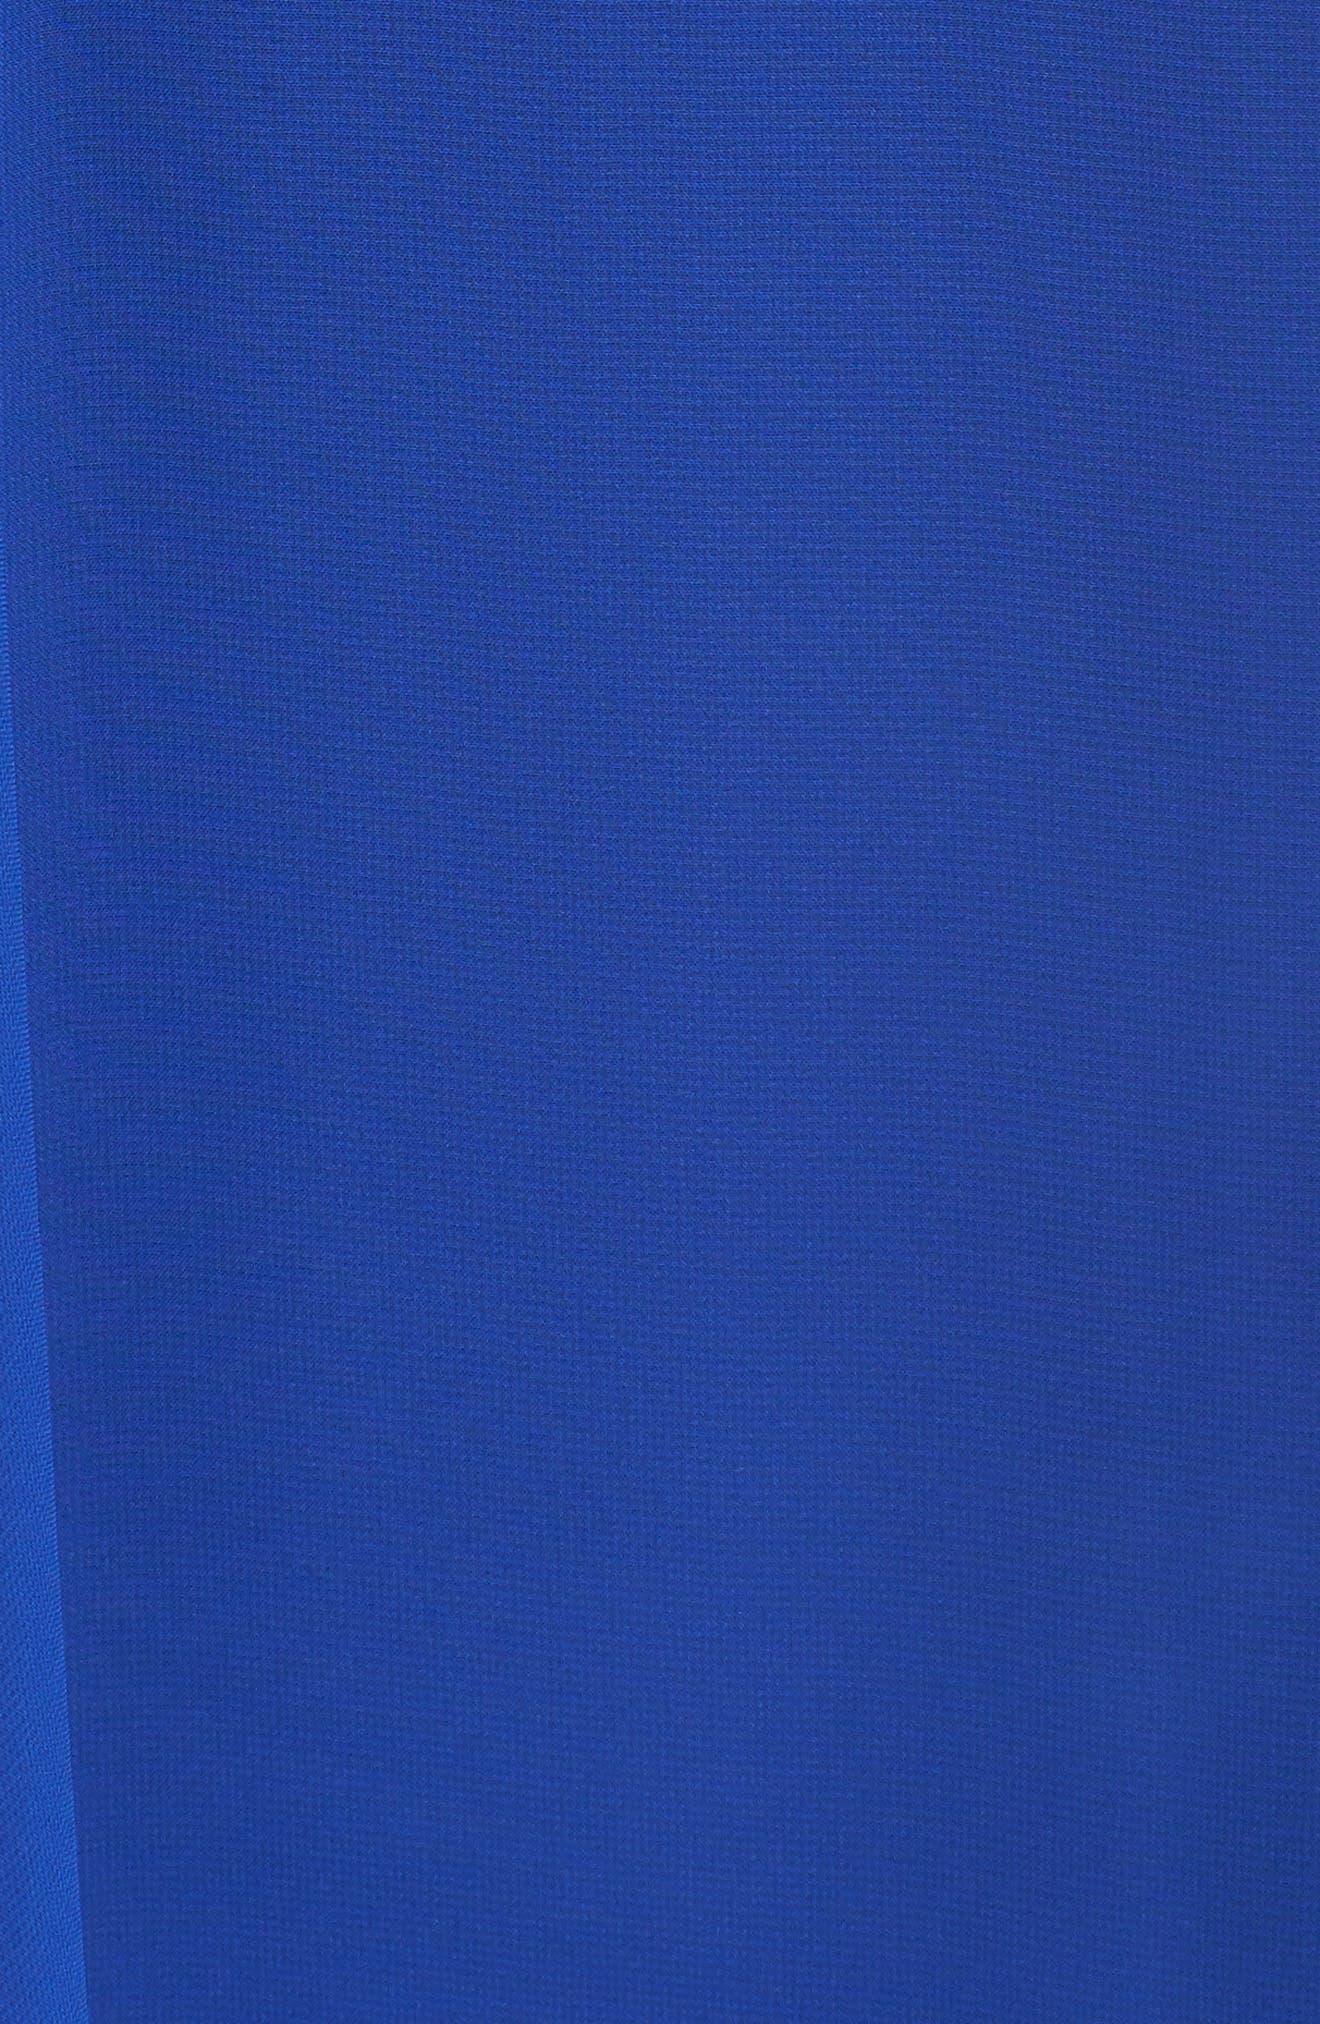 Embellished Trapeze Dress,                             Alternate thumbnail 5, color,                             Cobalt